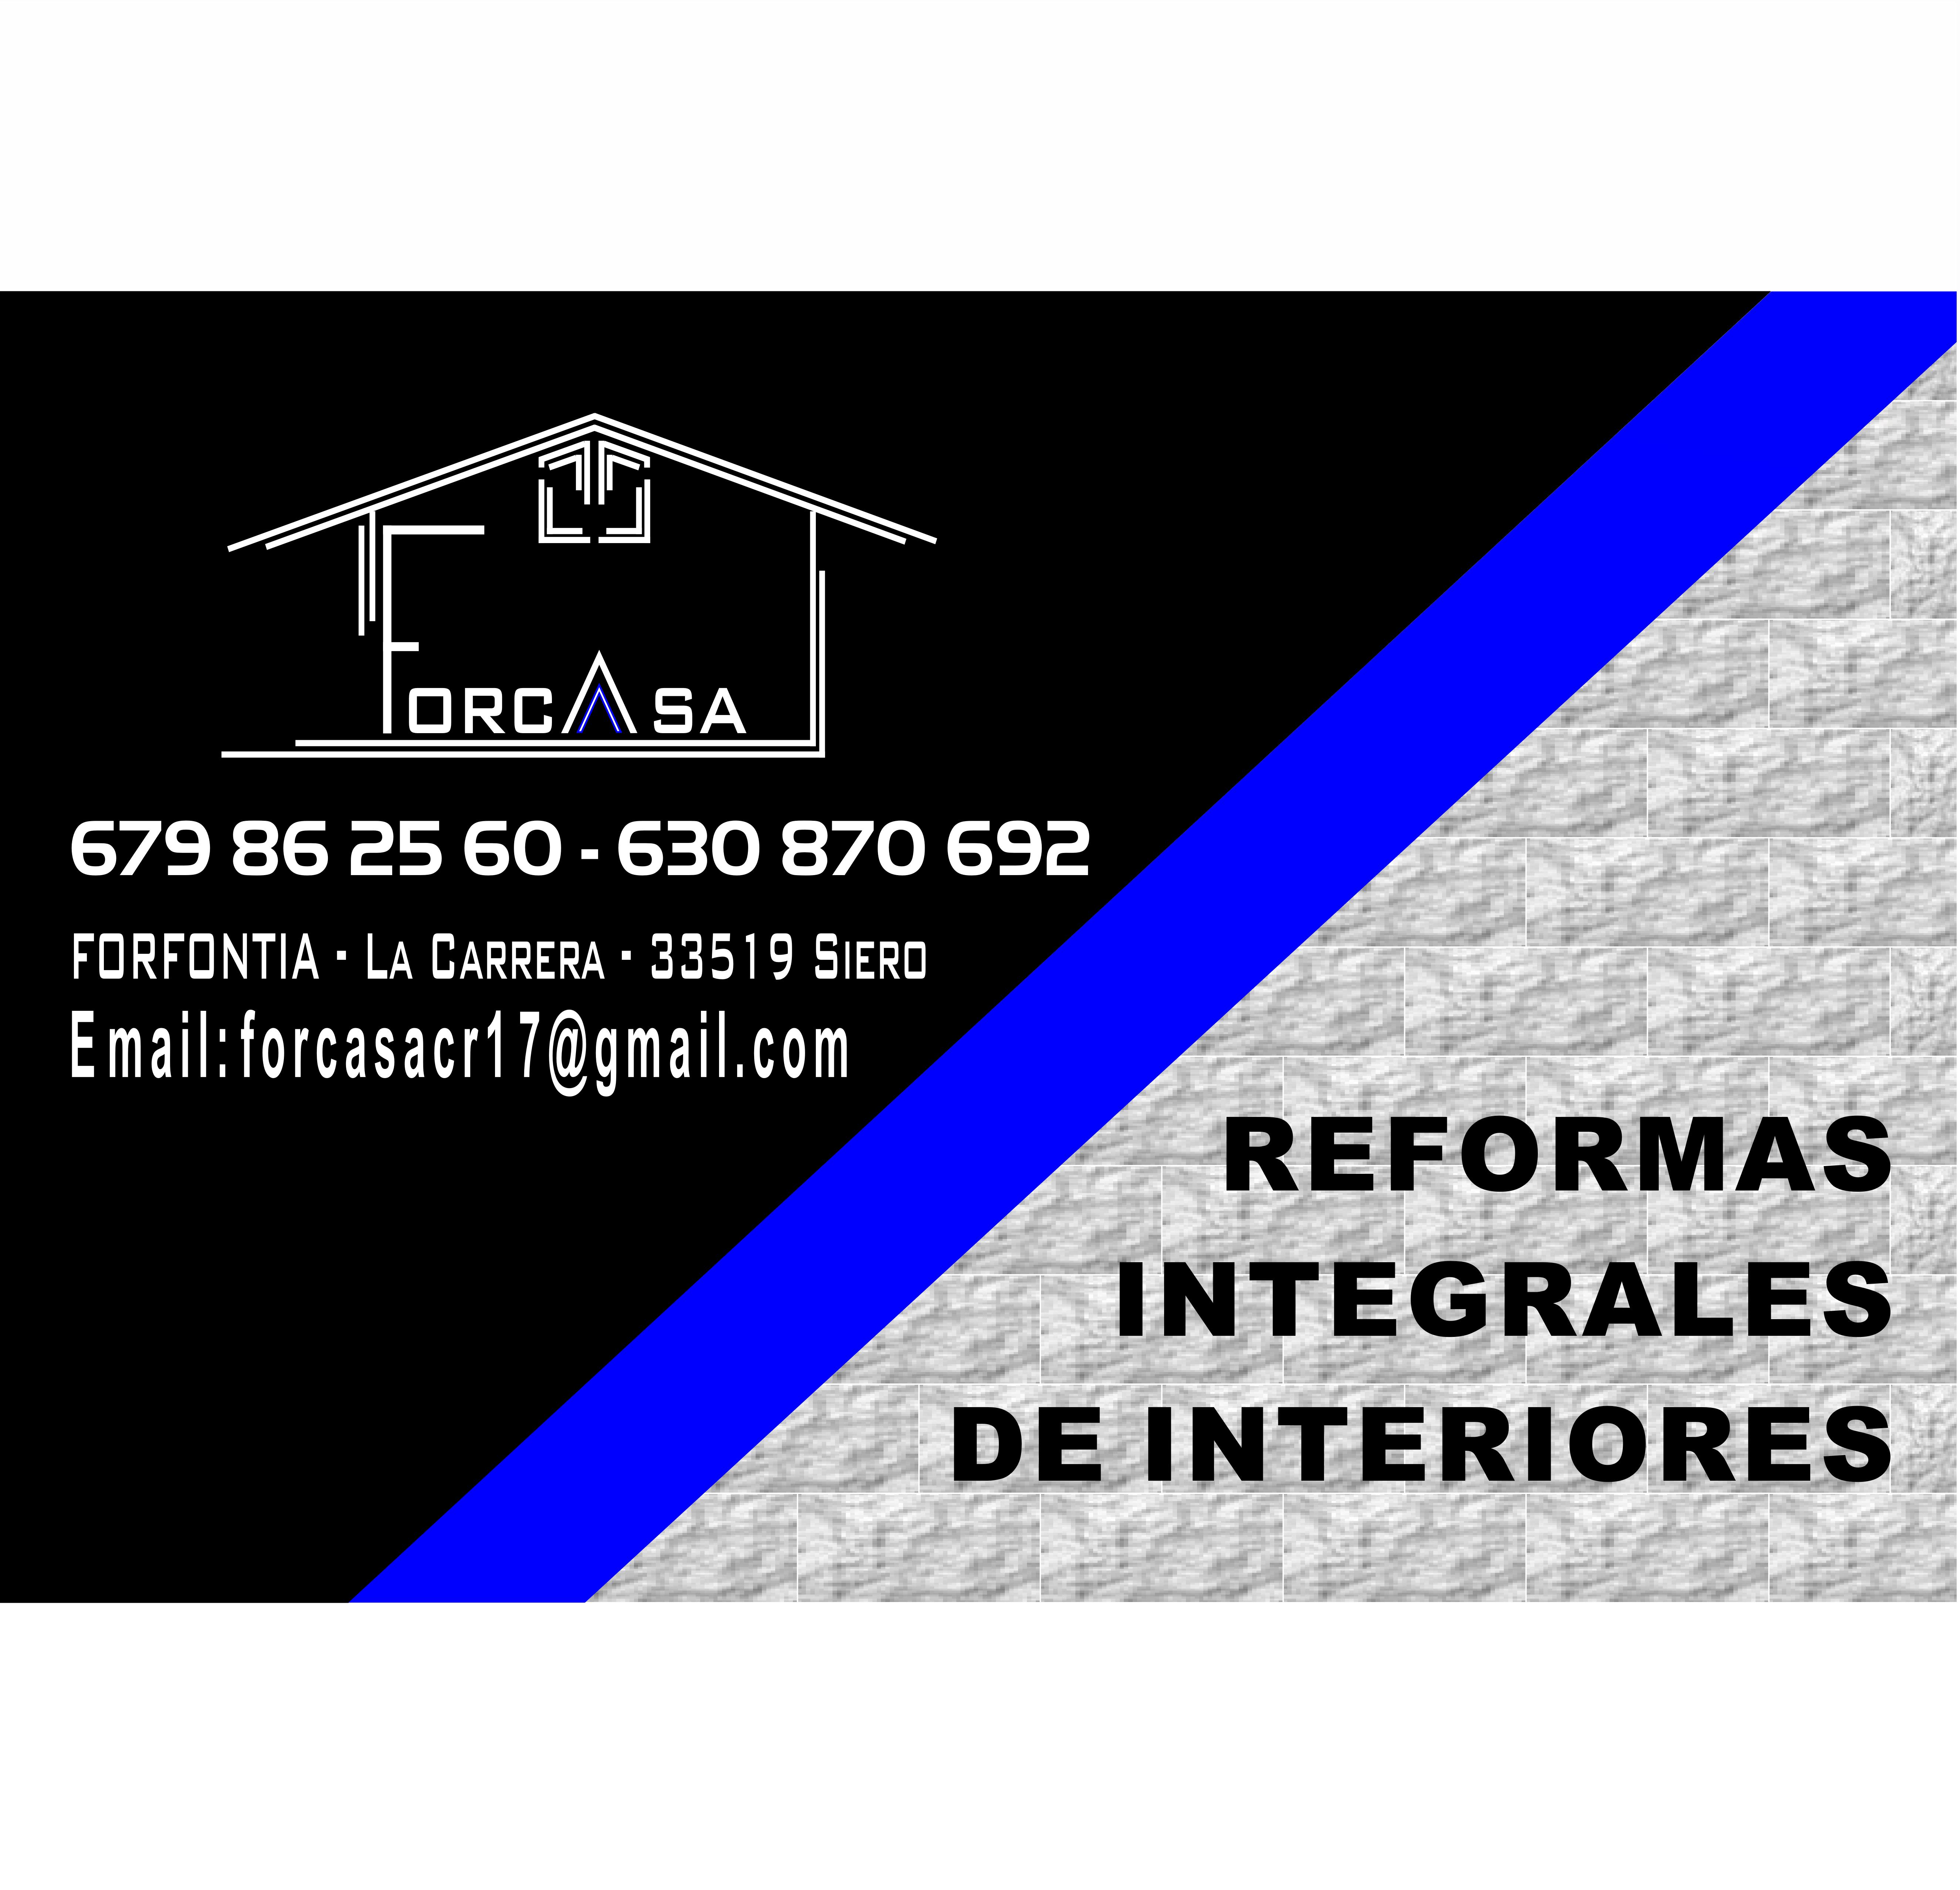 Forcasa Construcciones Y Reformas Integrales S.l